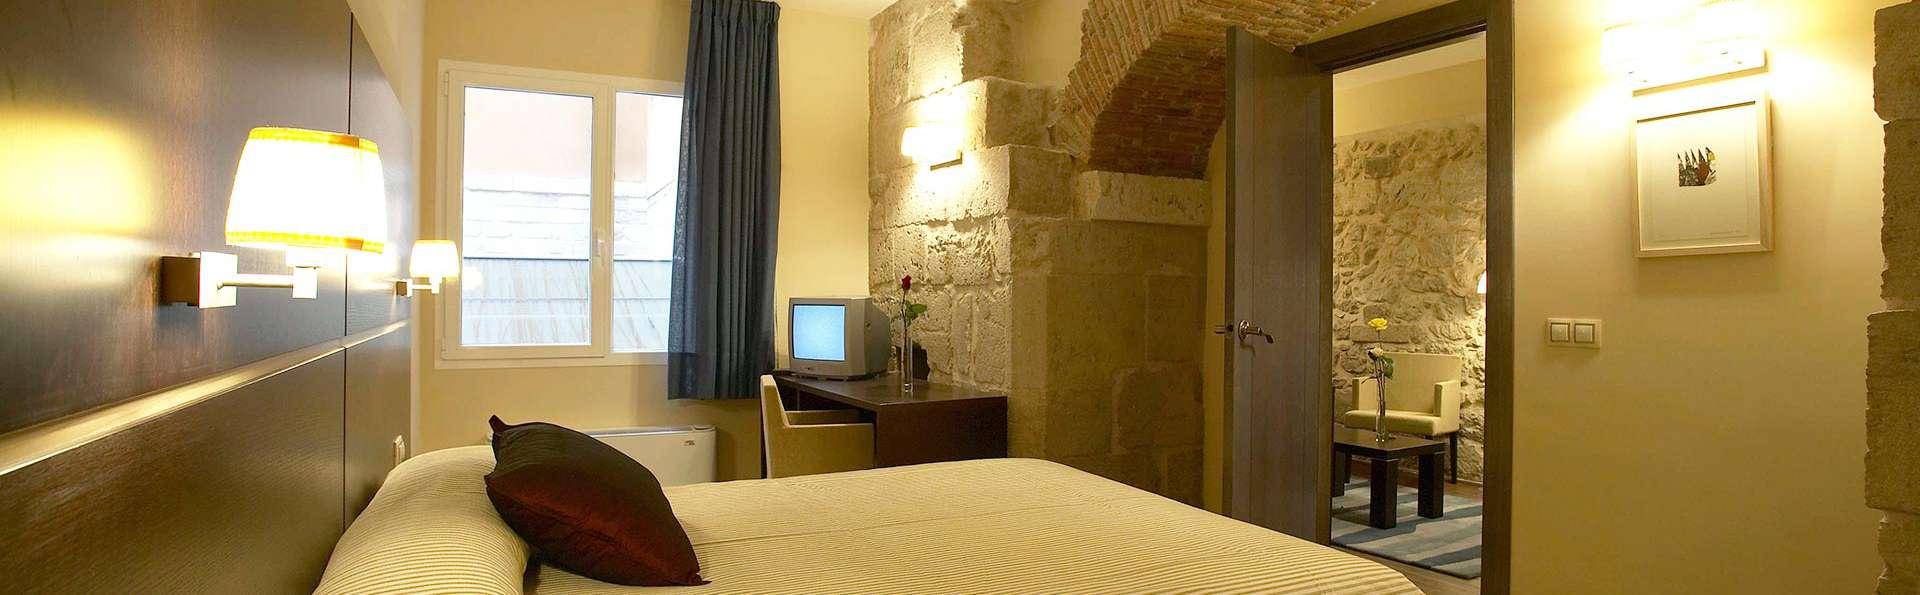 Escapada en Suite en el centro de Burgos con visita al Museo de la Evolución (desde 2 noches)